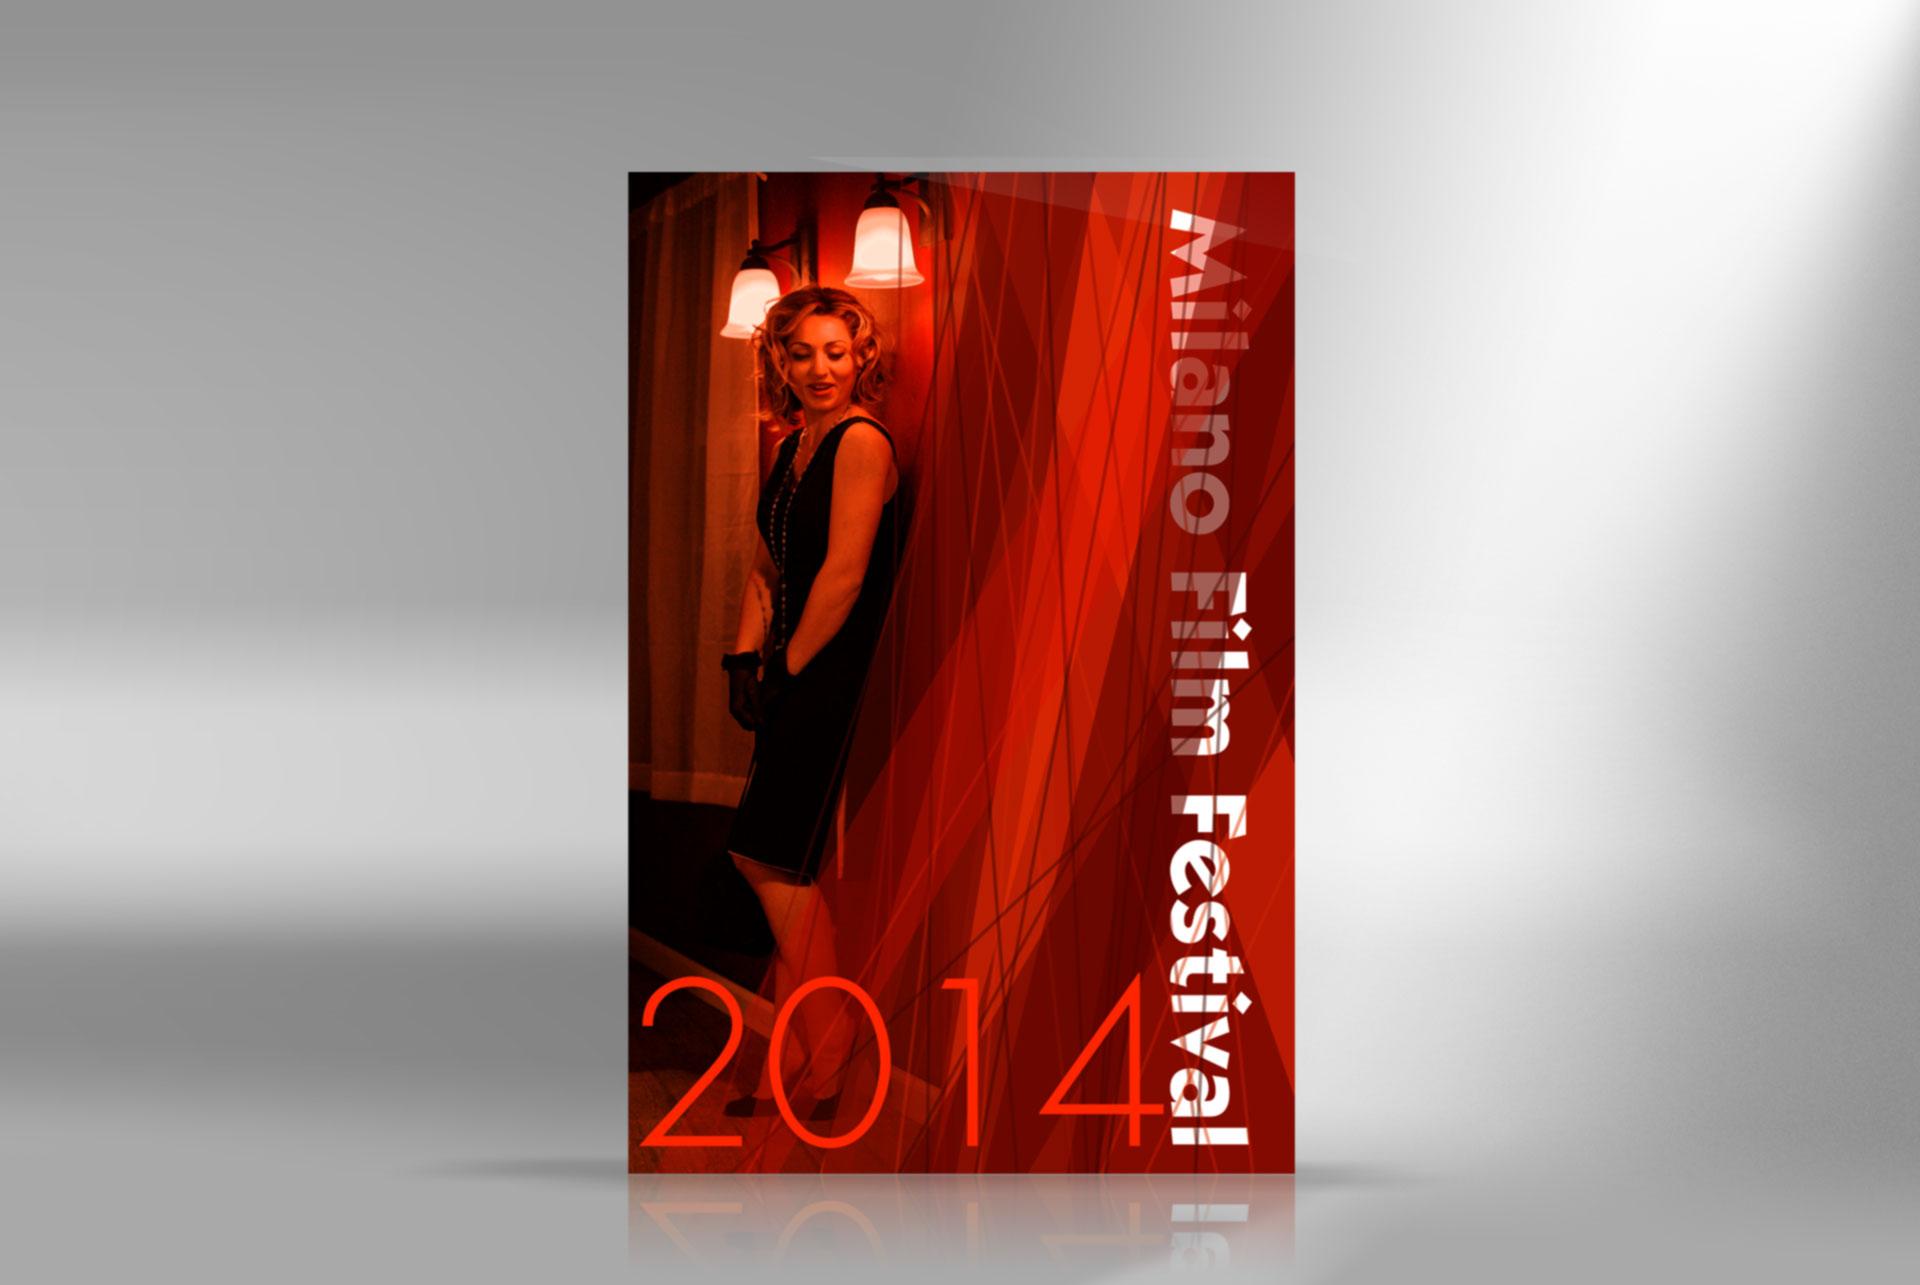 Film festival poster designer